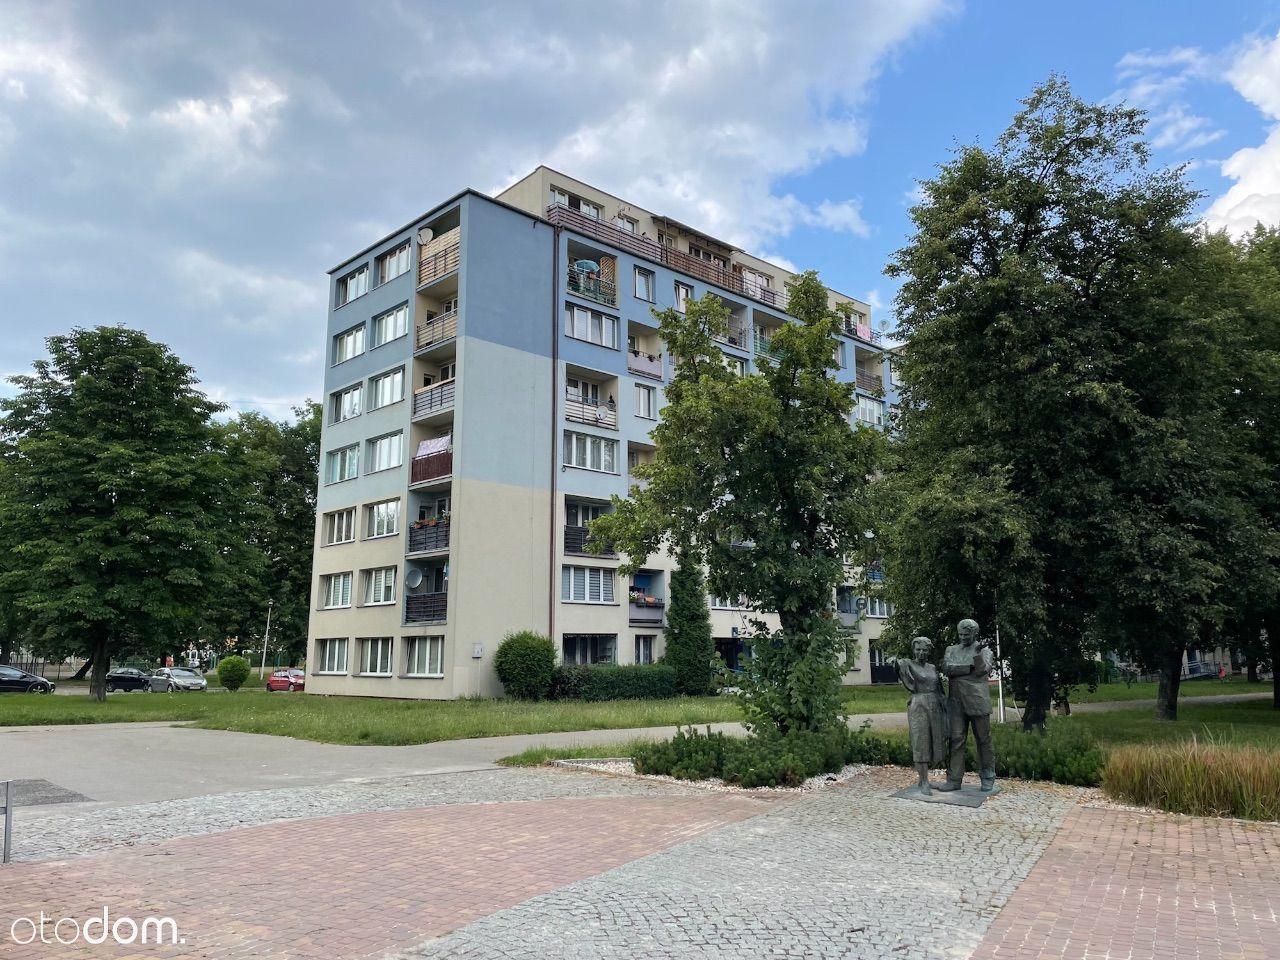 Możliwość 3 pokoi / ładny blok i okolica / remont